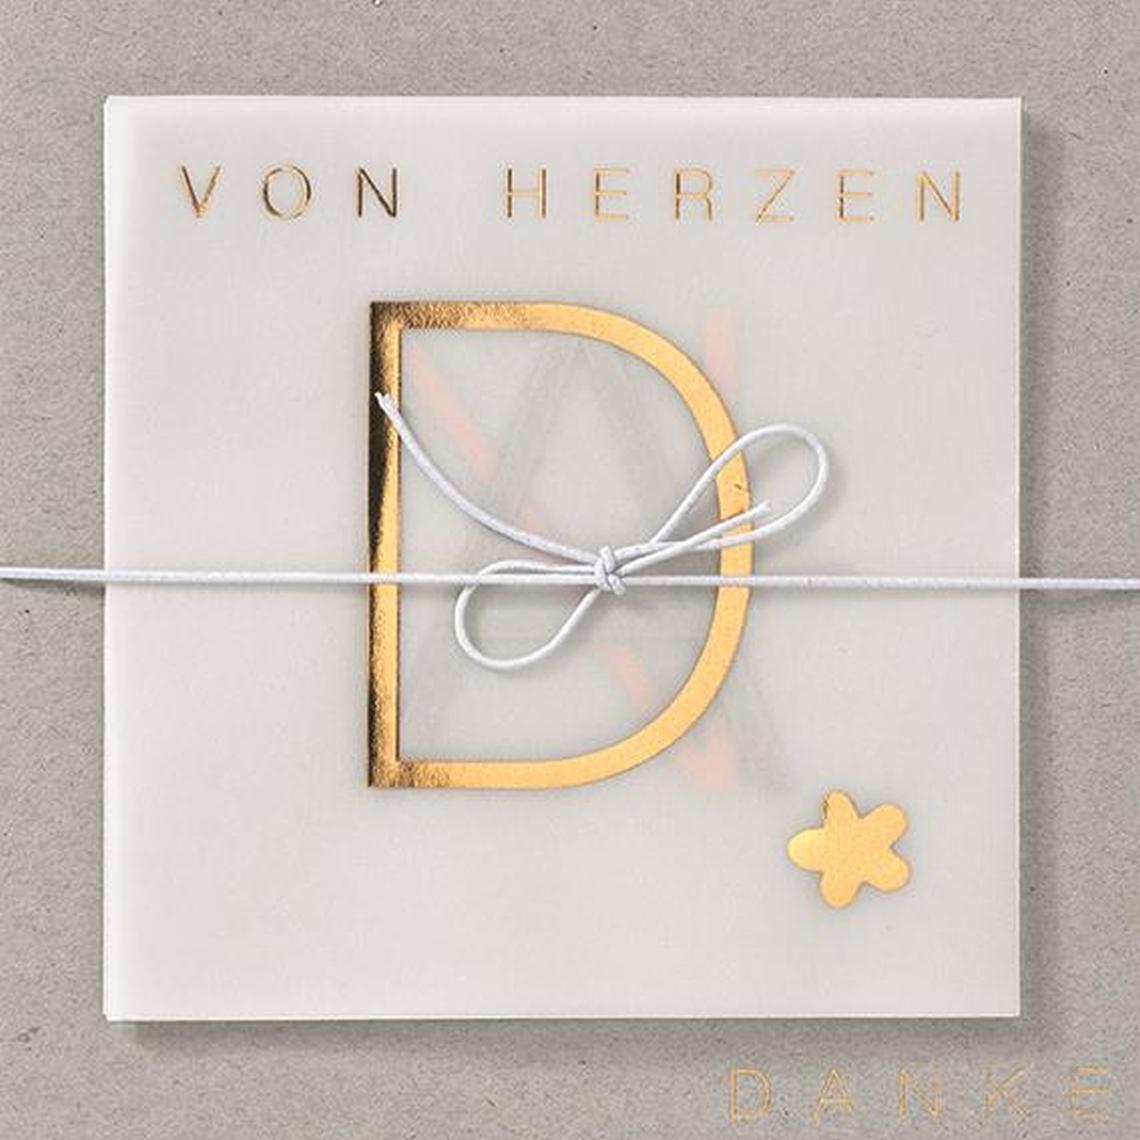 Geburtstagskarte - von Herzen - räder